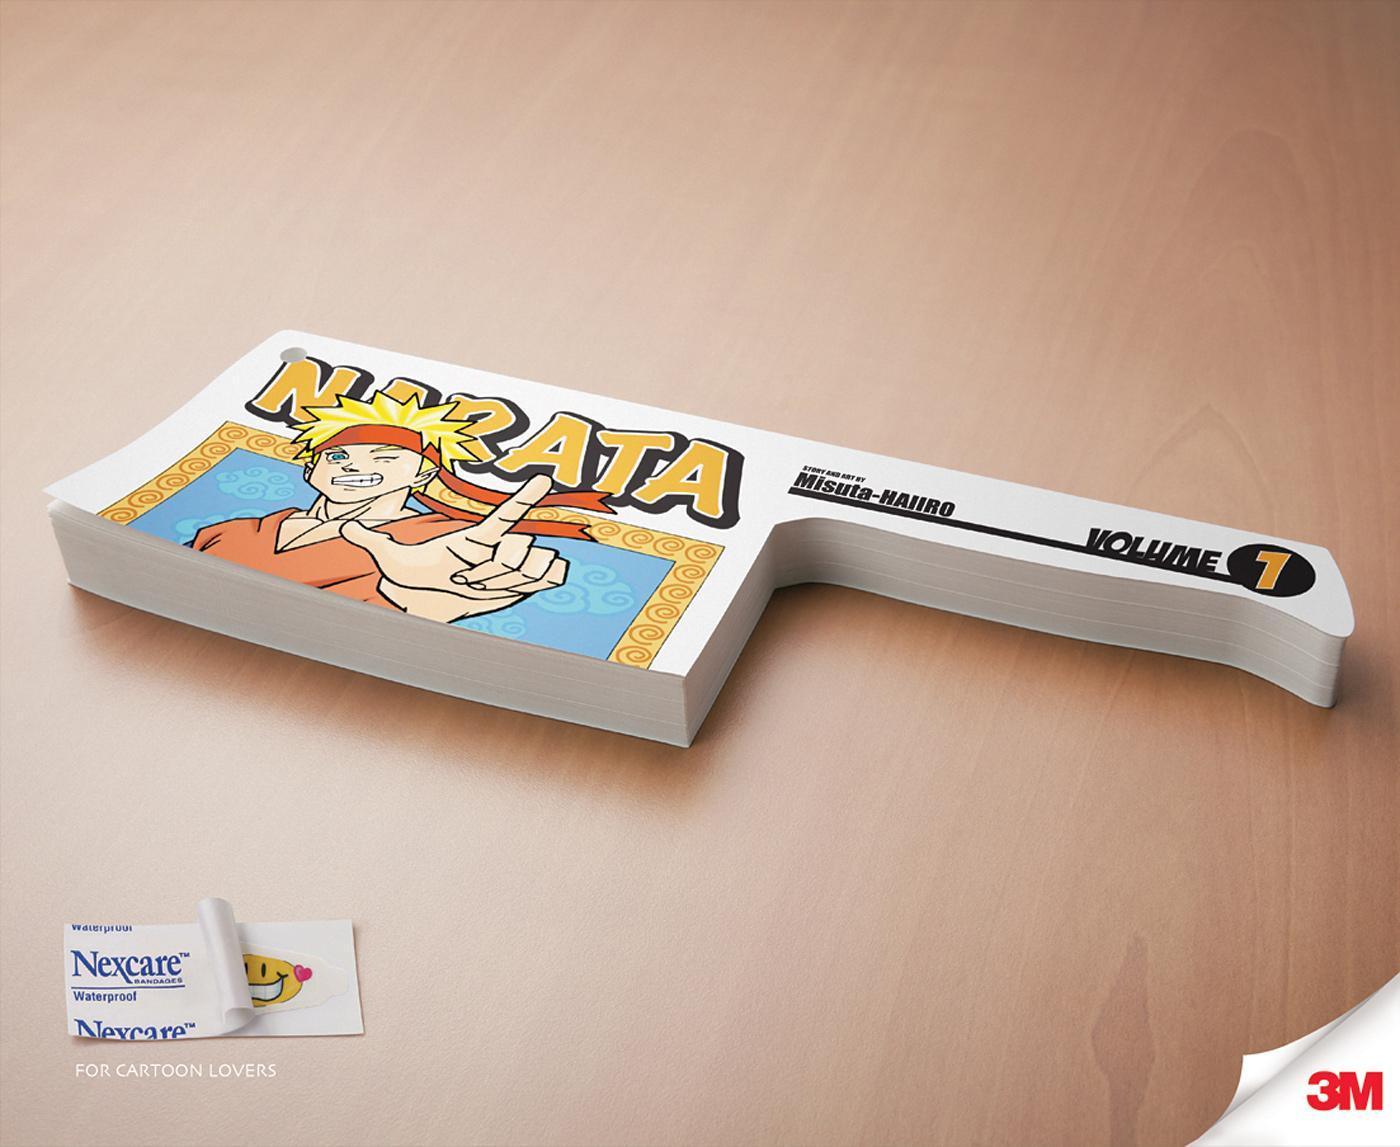 3M Print Ad -  Paper Cut, Ninja